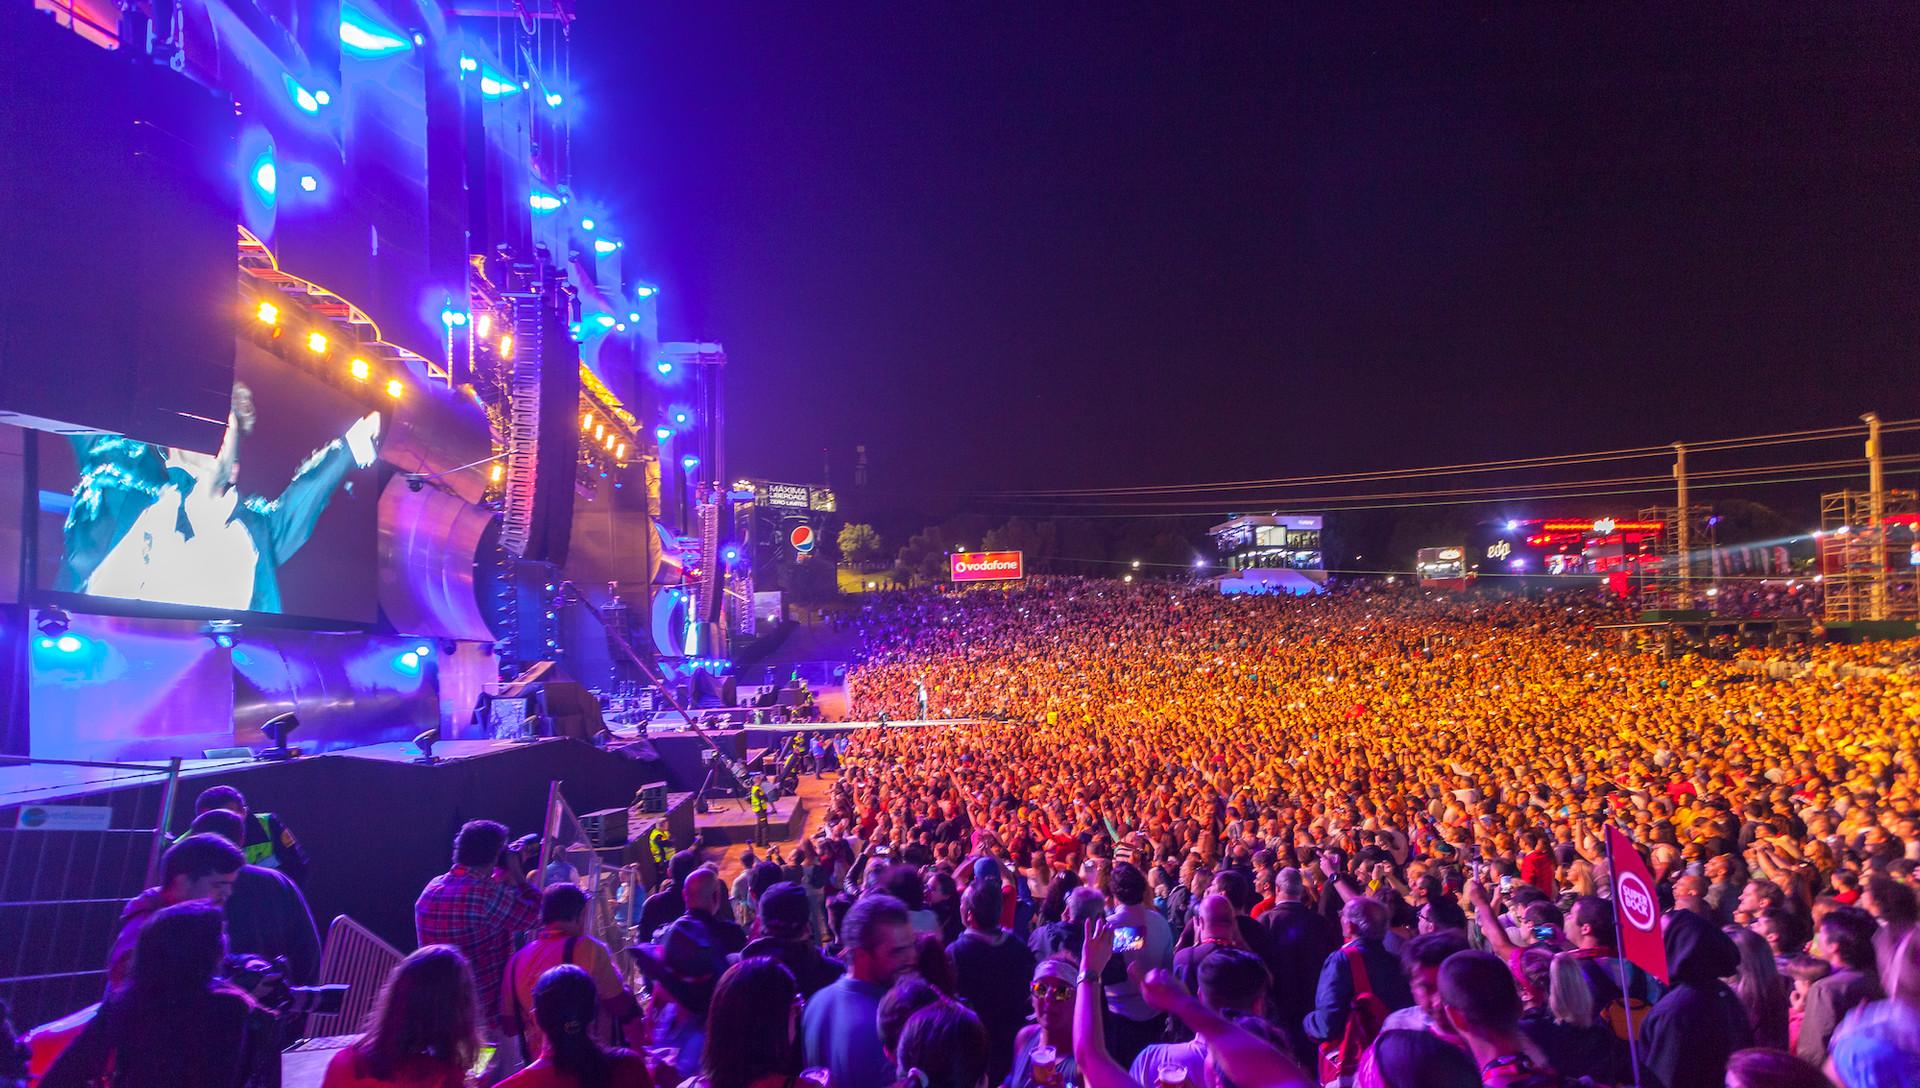 ROCK IN RIO - WORLDWIDE